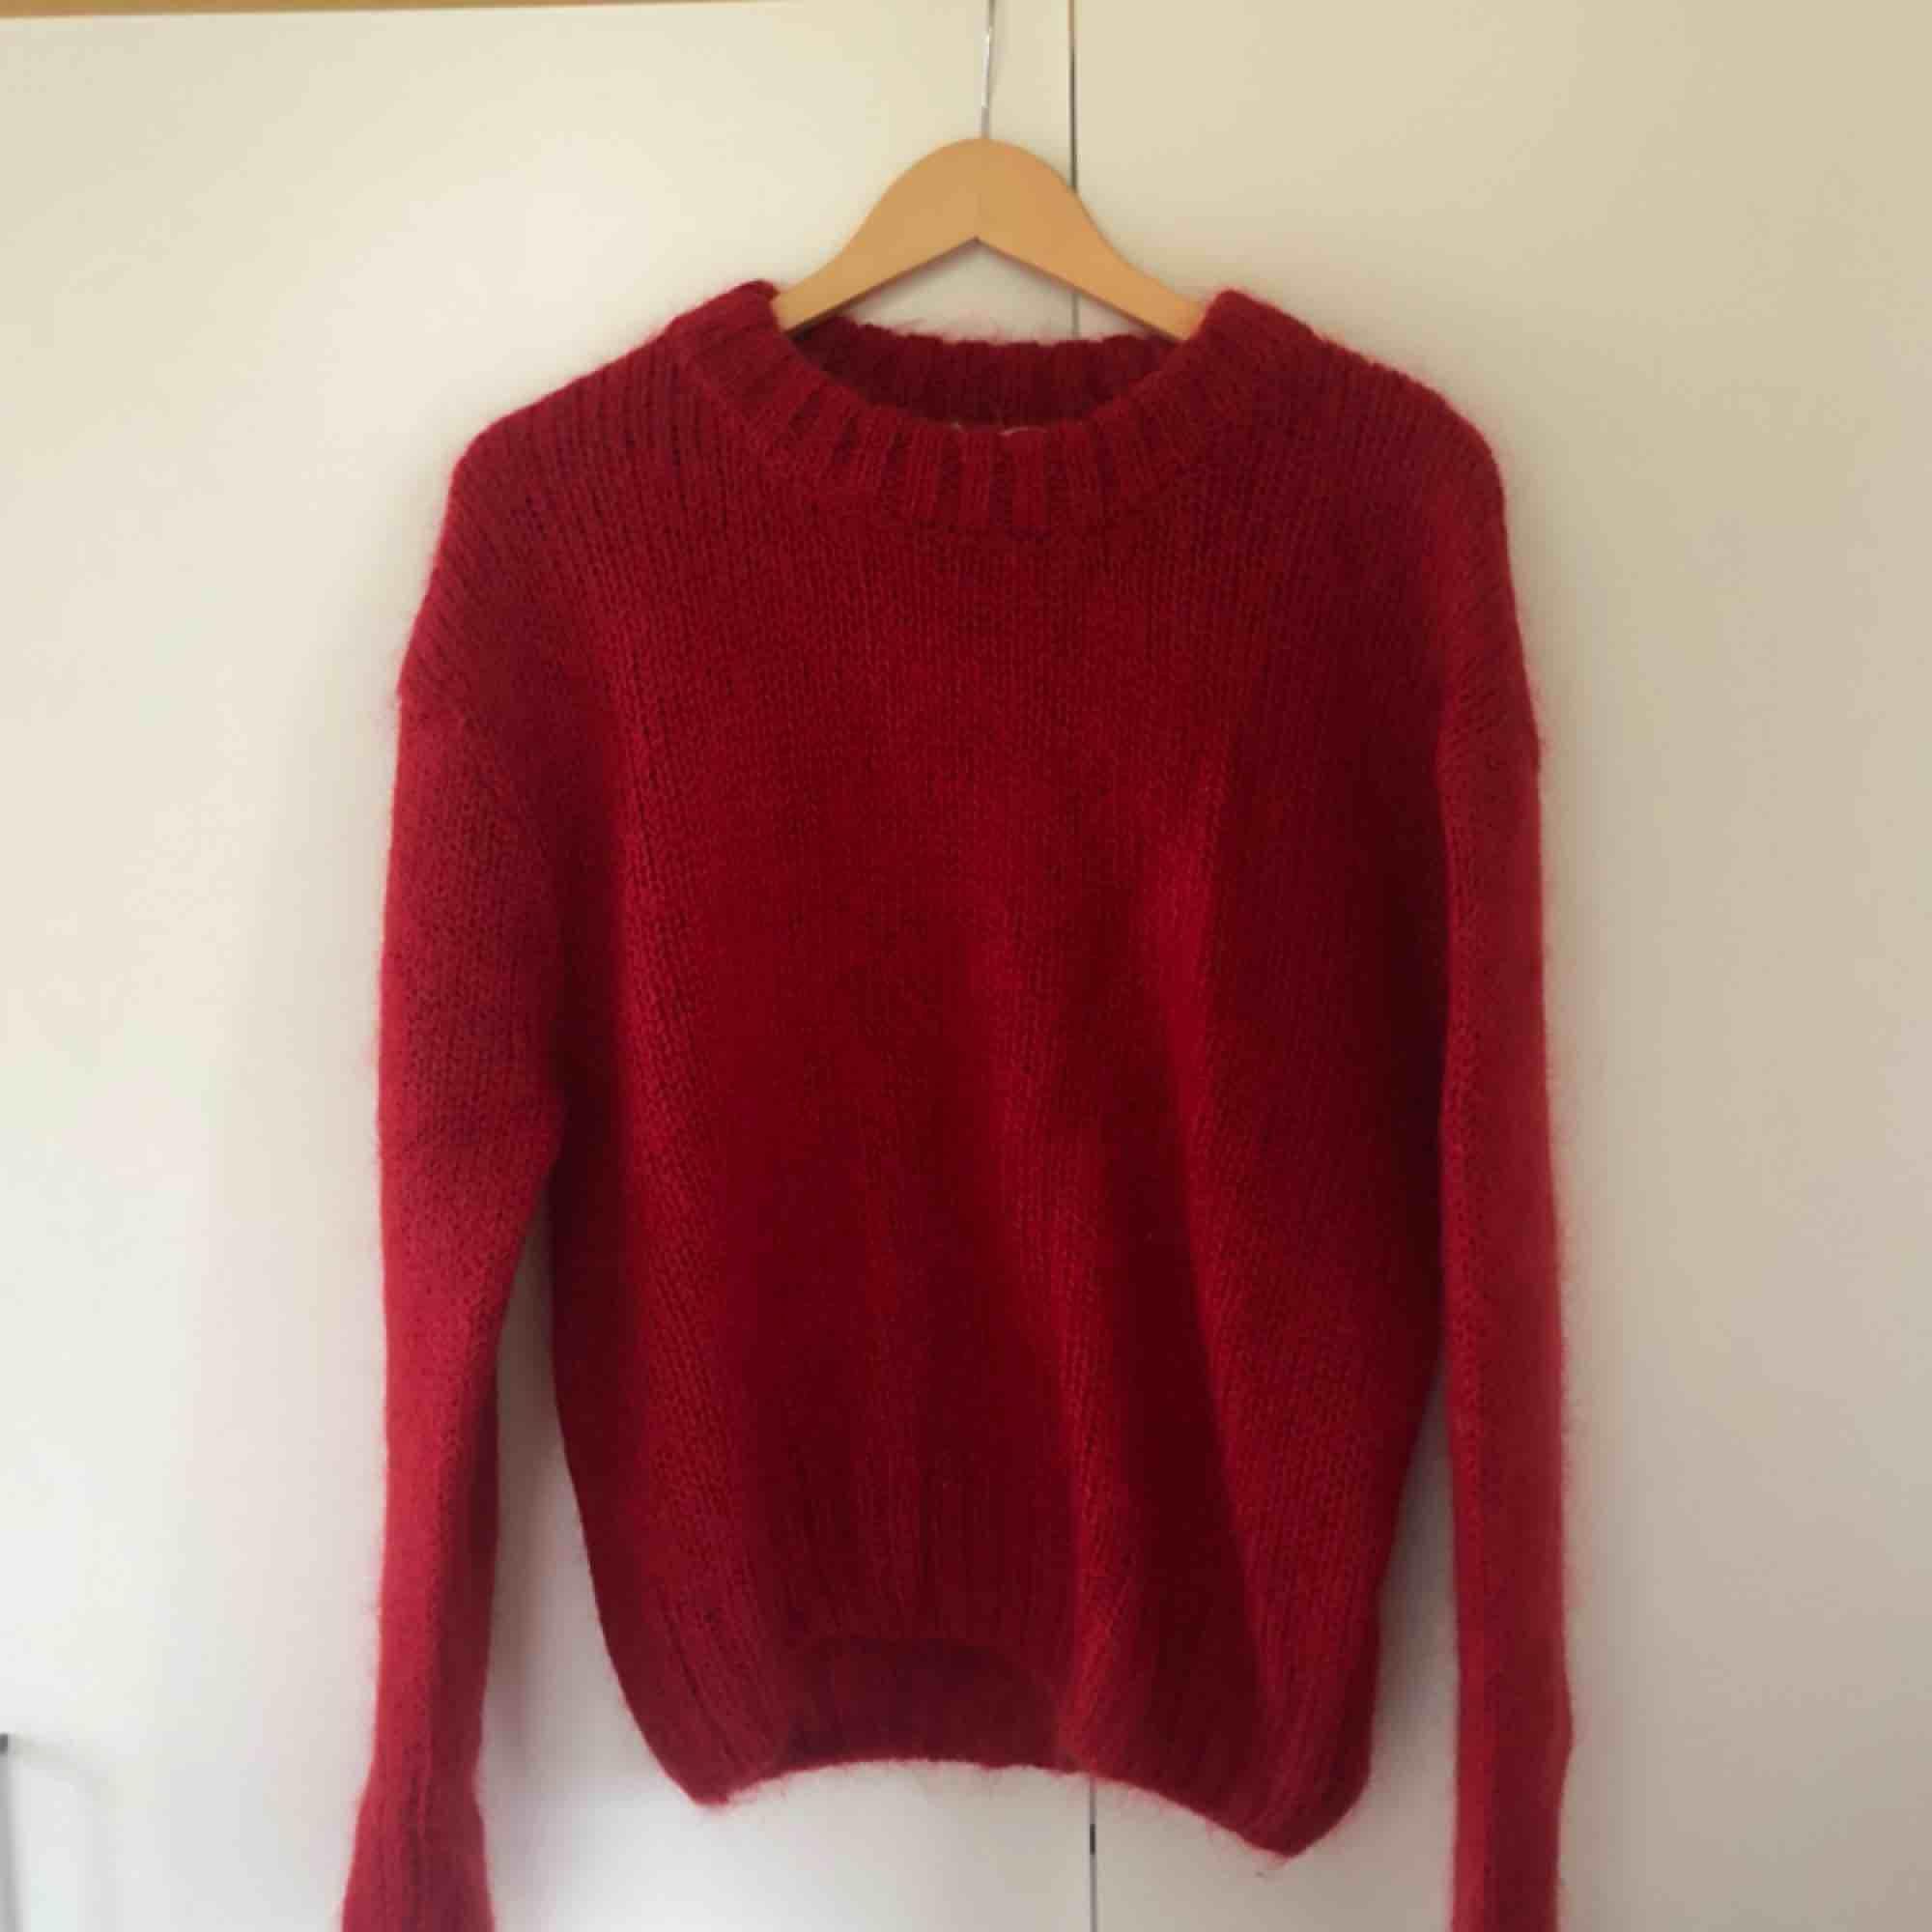 Superfin röd stickad från HM i muhair. Superbra skick. Otroligt varm och skön. Storlek S. Köparen står för frakt. Stickat.